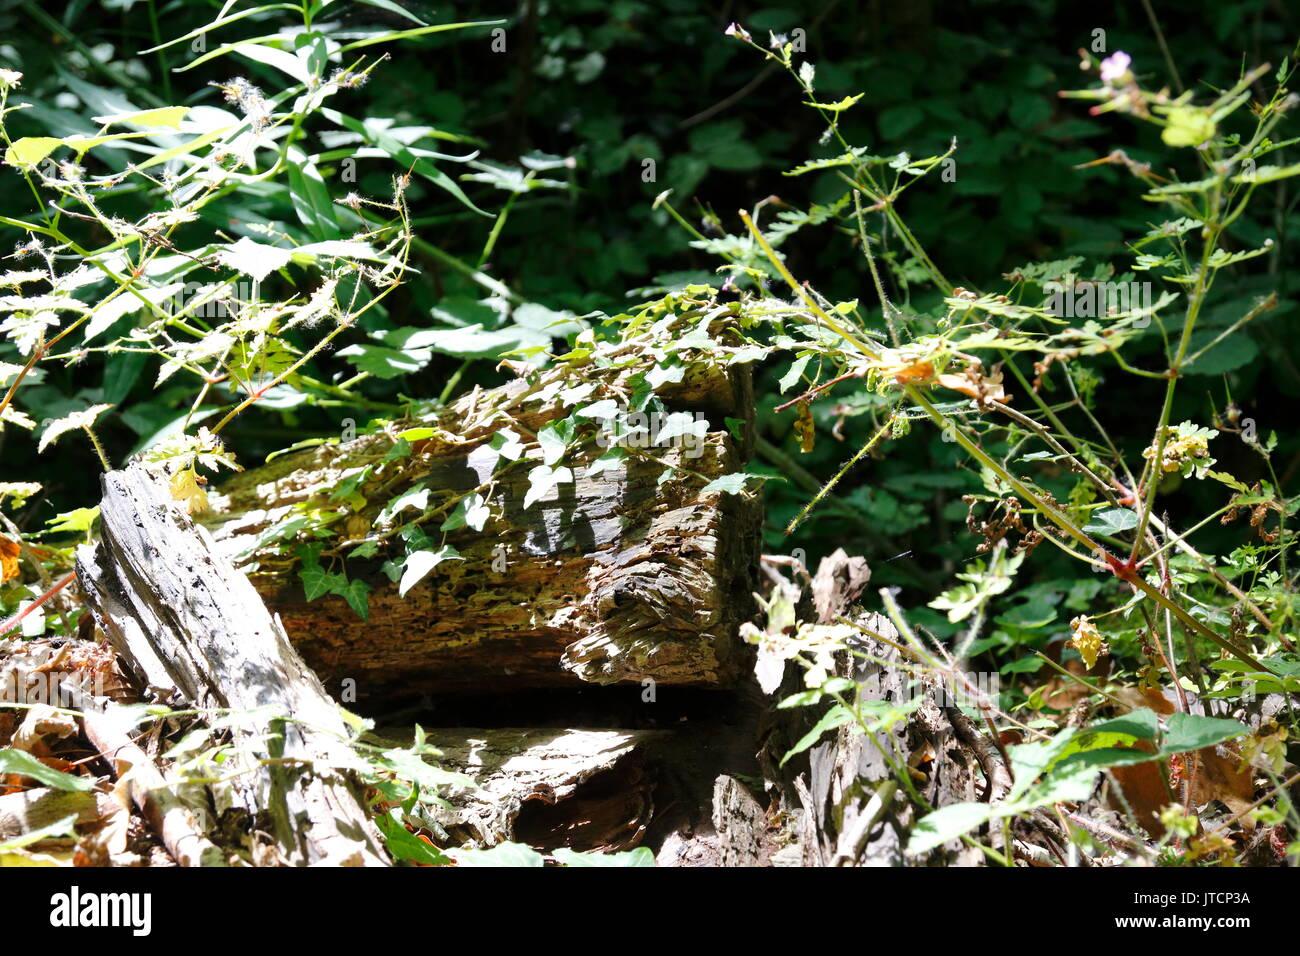 Dickicht, Unterholz, mit Holz in einem mystischen Wald - Stock Image